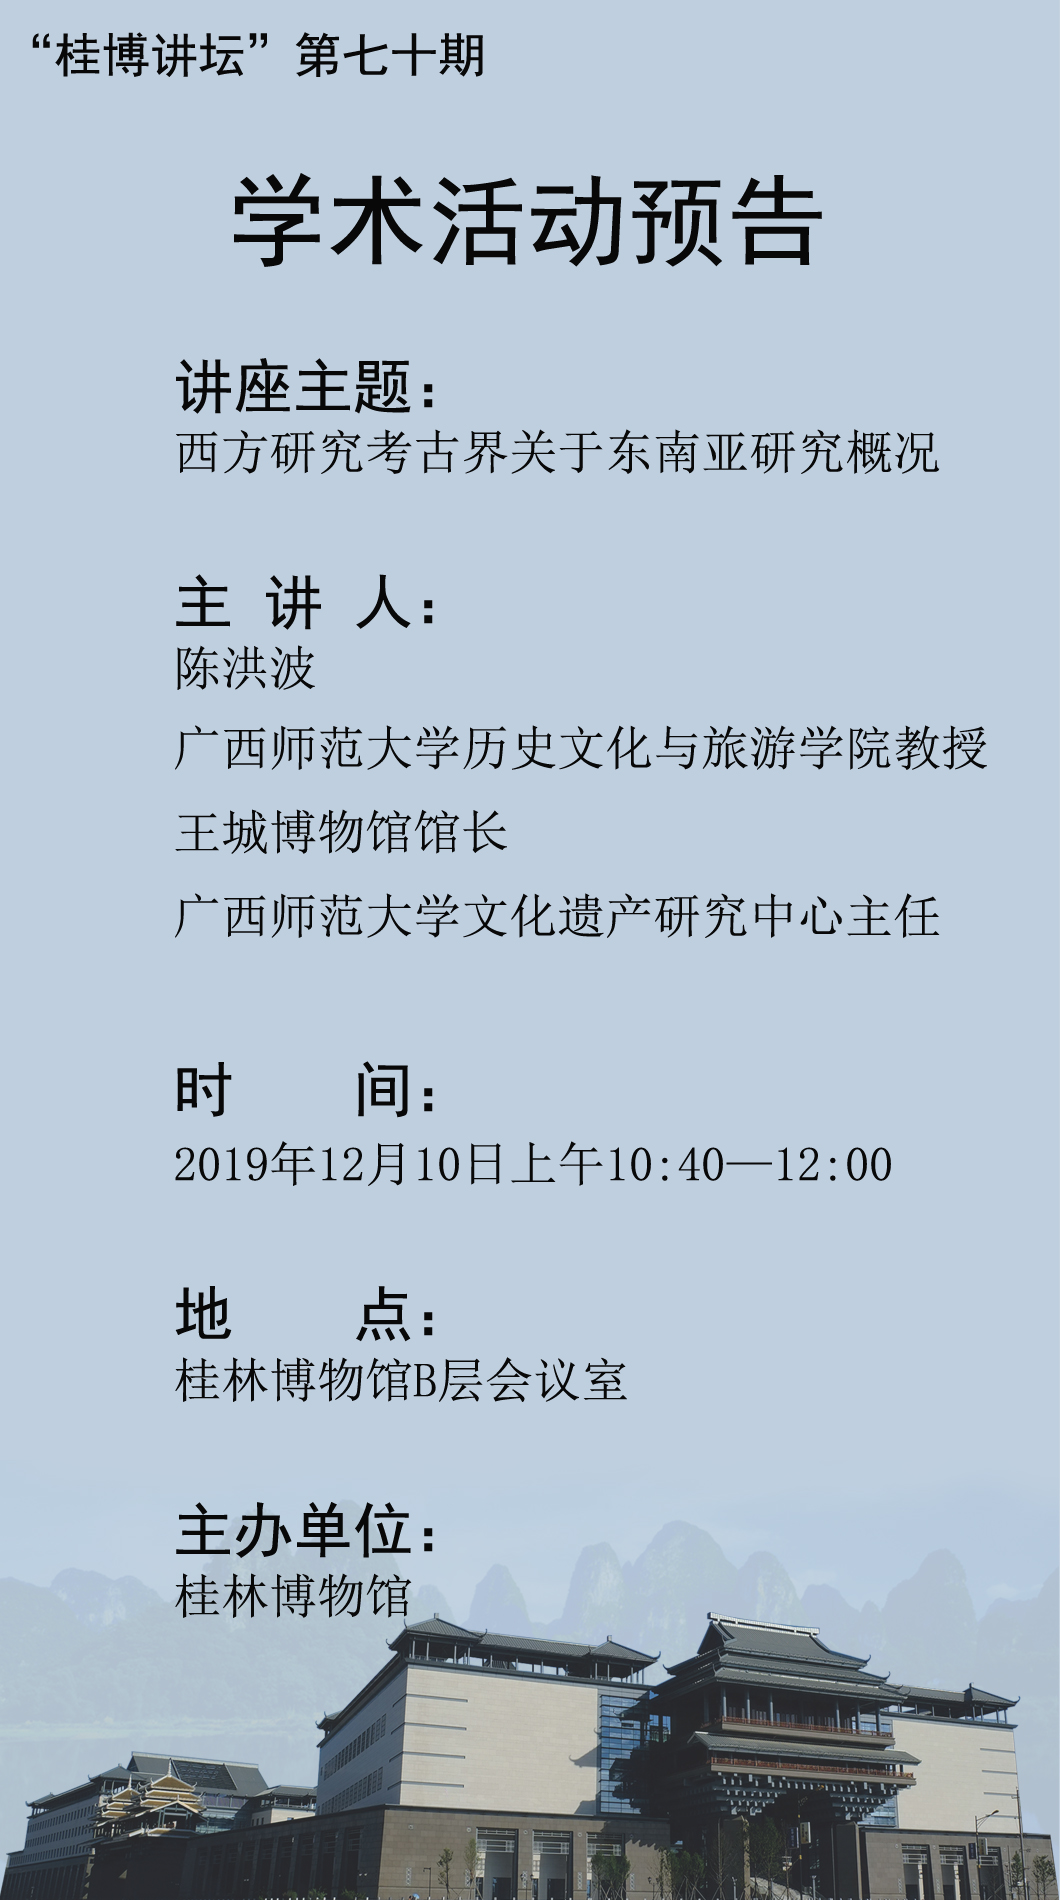 學術活動預告70期.jpg